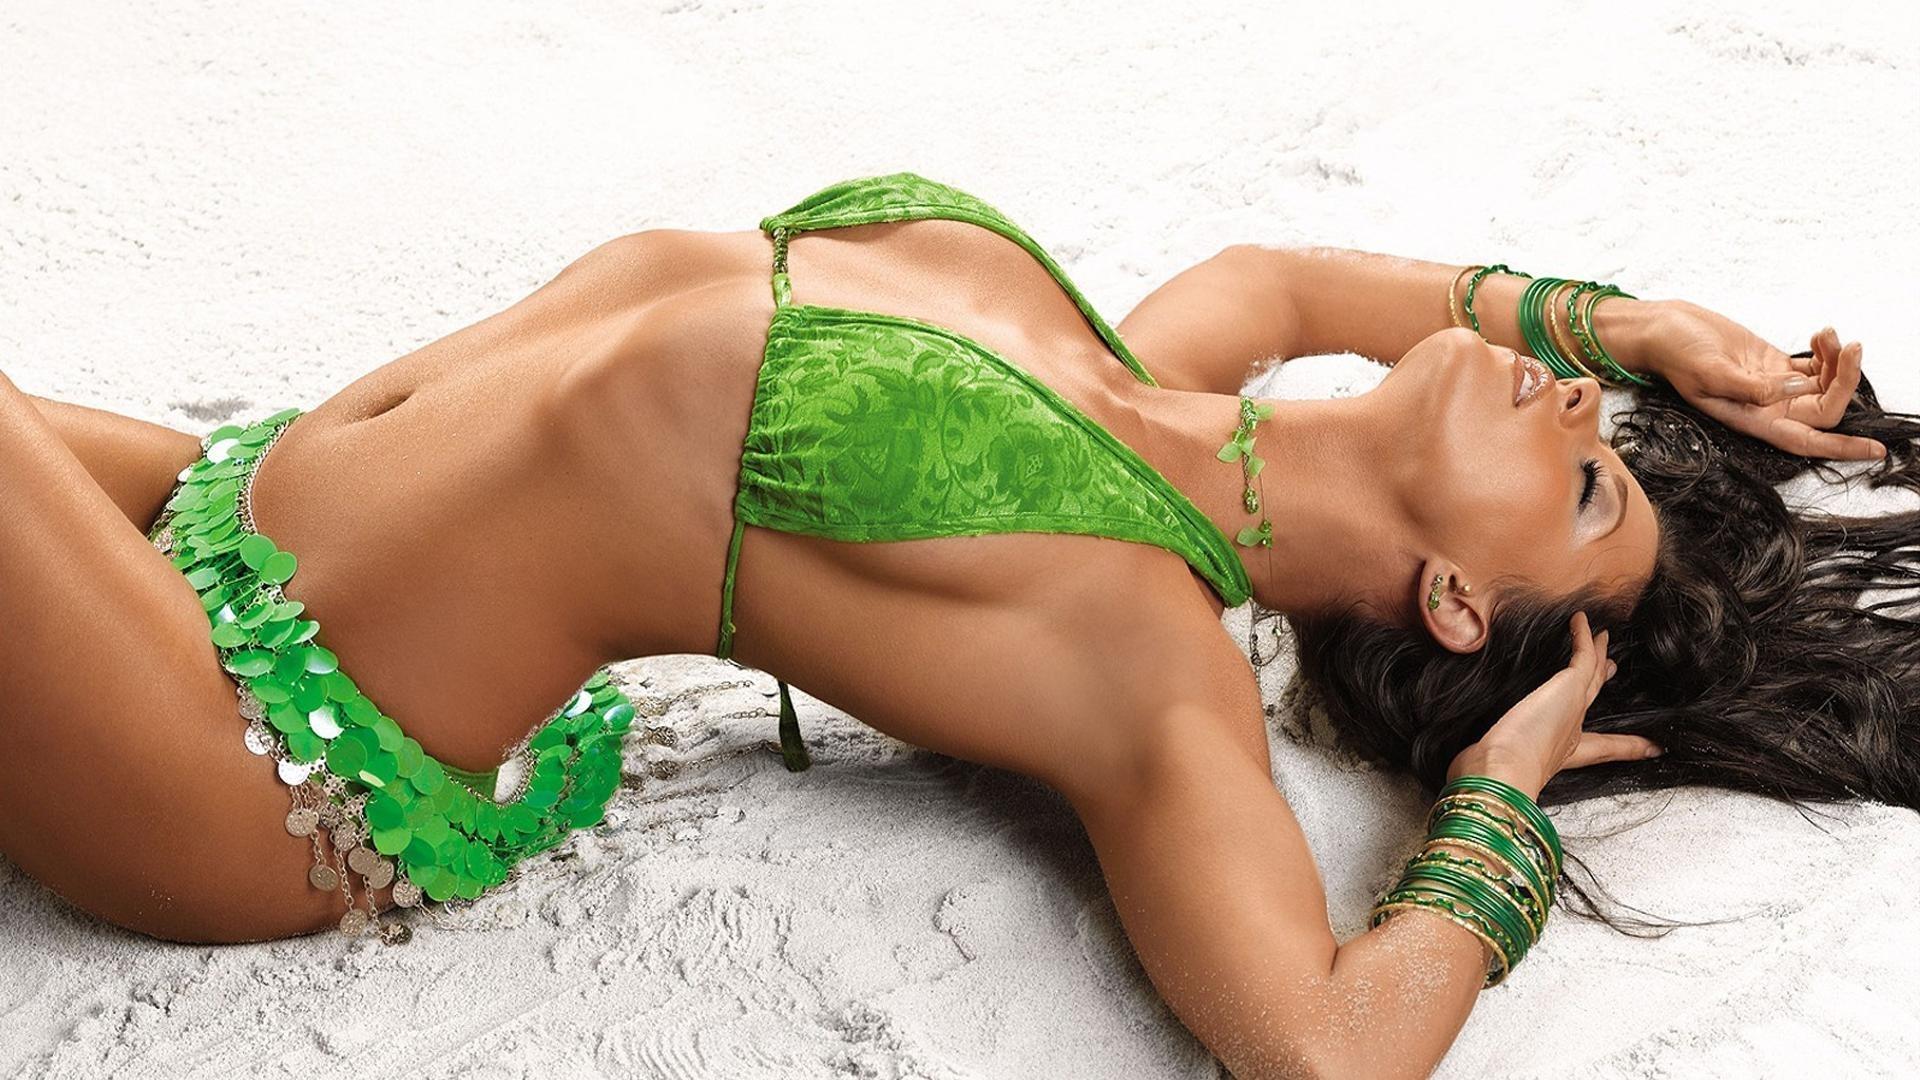 сексуальная крошка в зеленом купальнике, скачать фото, обои на рабочий стол